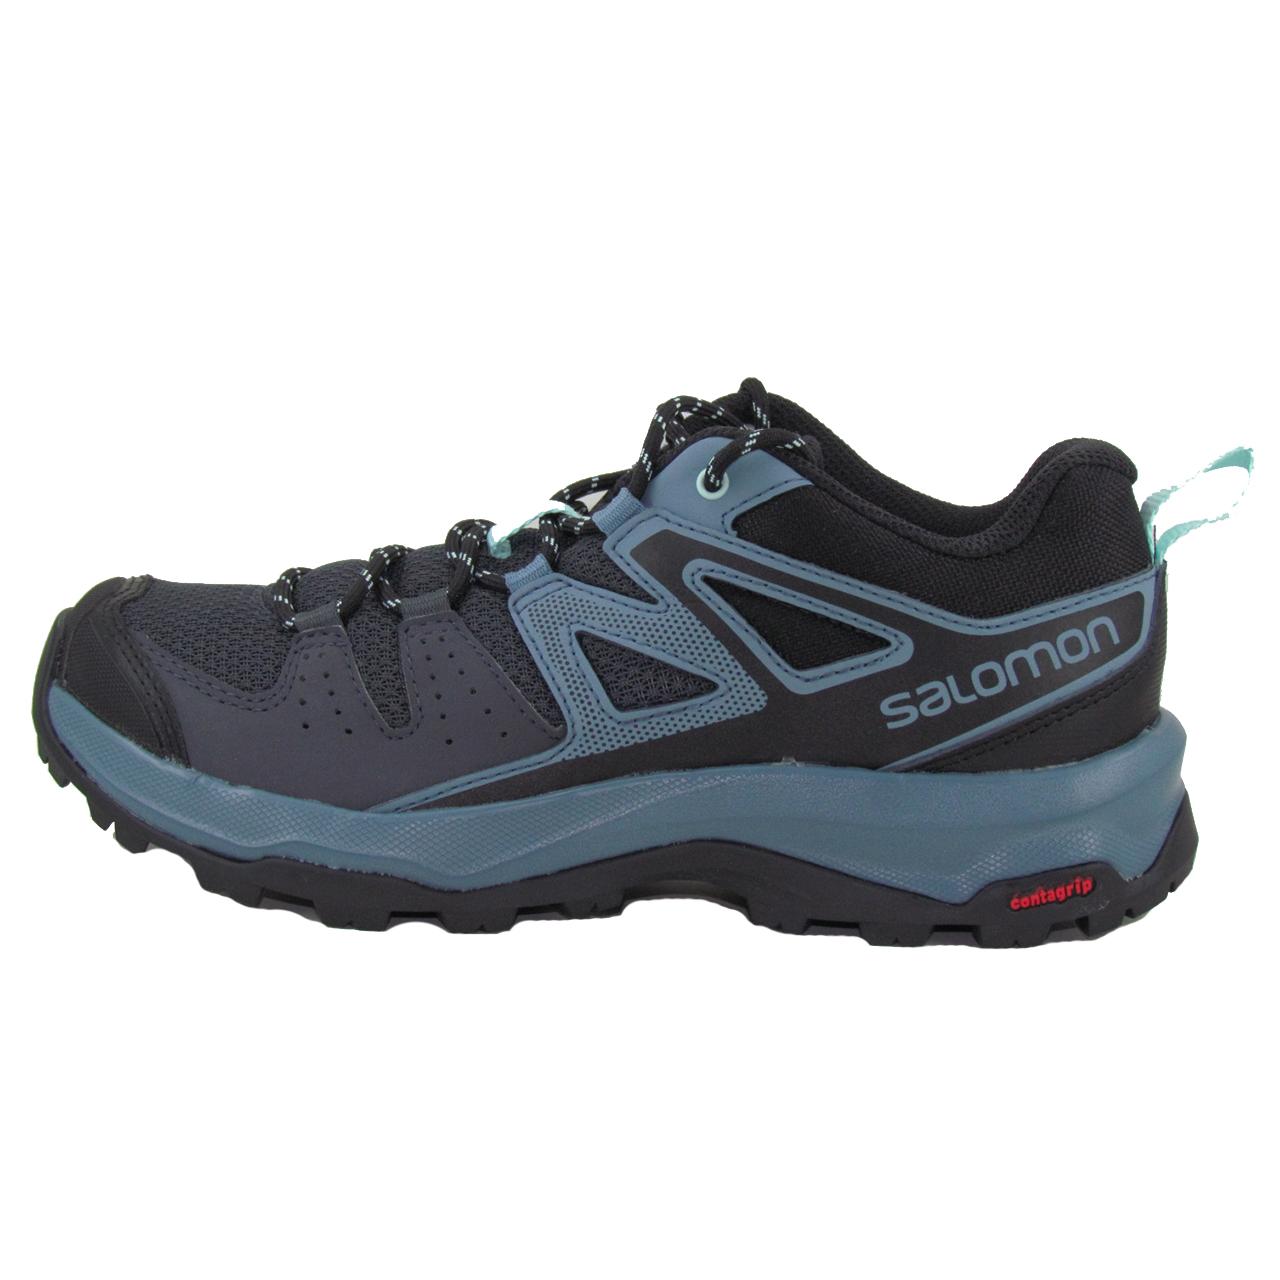 قیمت کفش مخصوص پیاده روی مردانه سالومون مدل 407423 MIRACLE